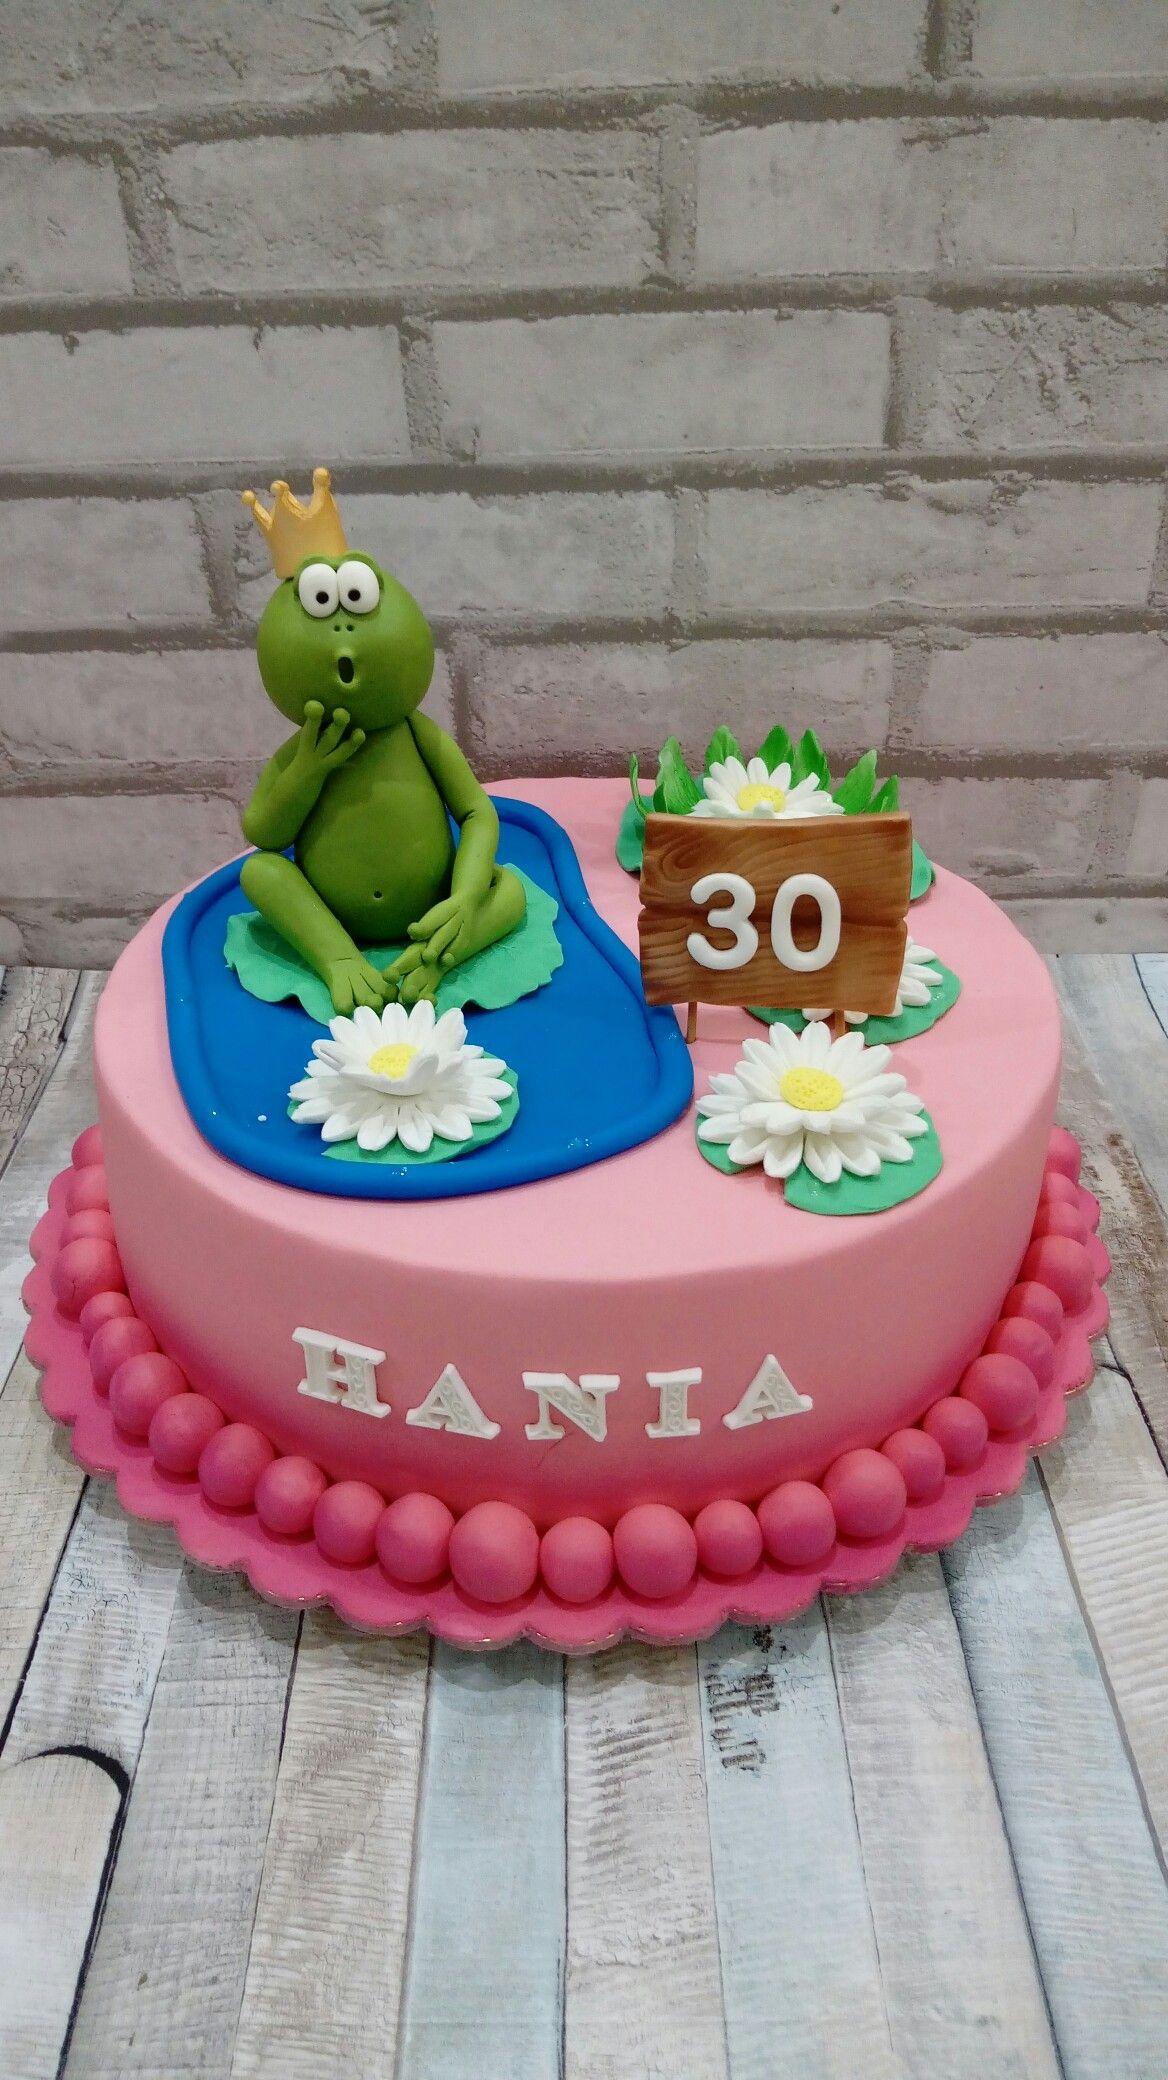 Tort Na 30 Urodziny Z Zaba Pomysly Urodzinowe Tort 30 Urodziny